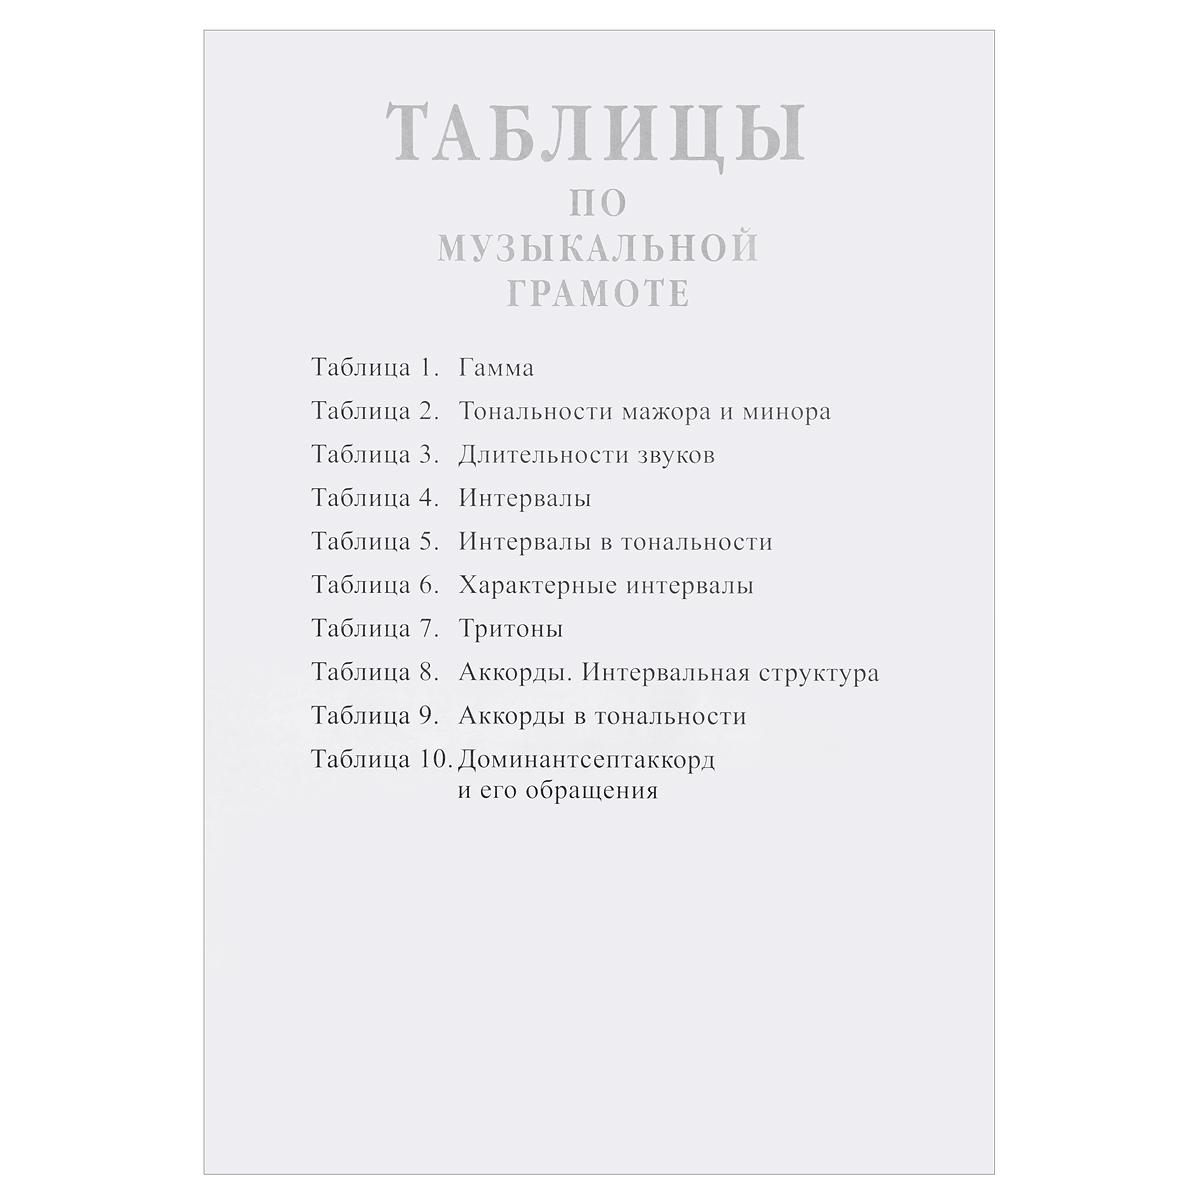 Таблицы по музыкальной грамоте (набор из 10 плакатов).